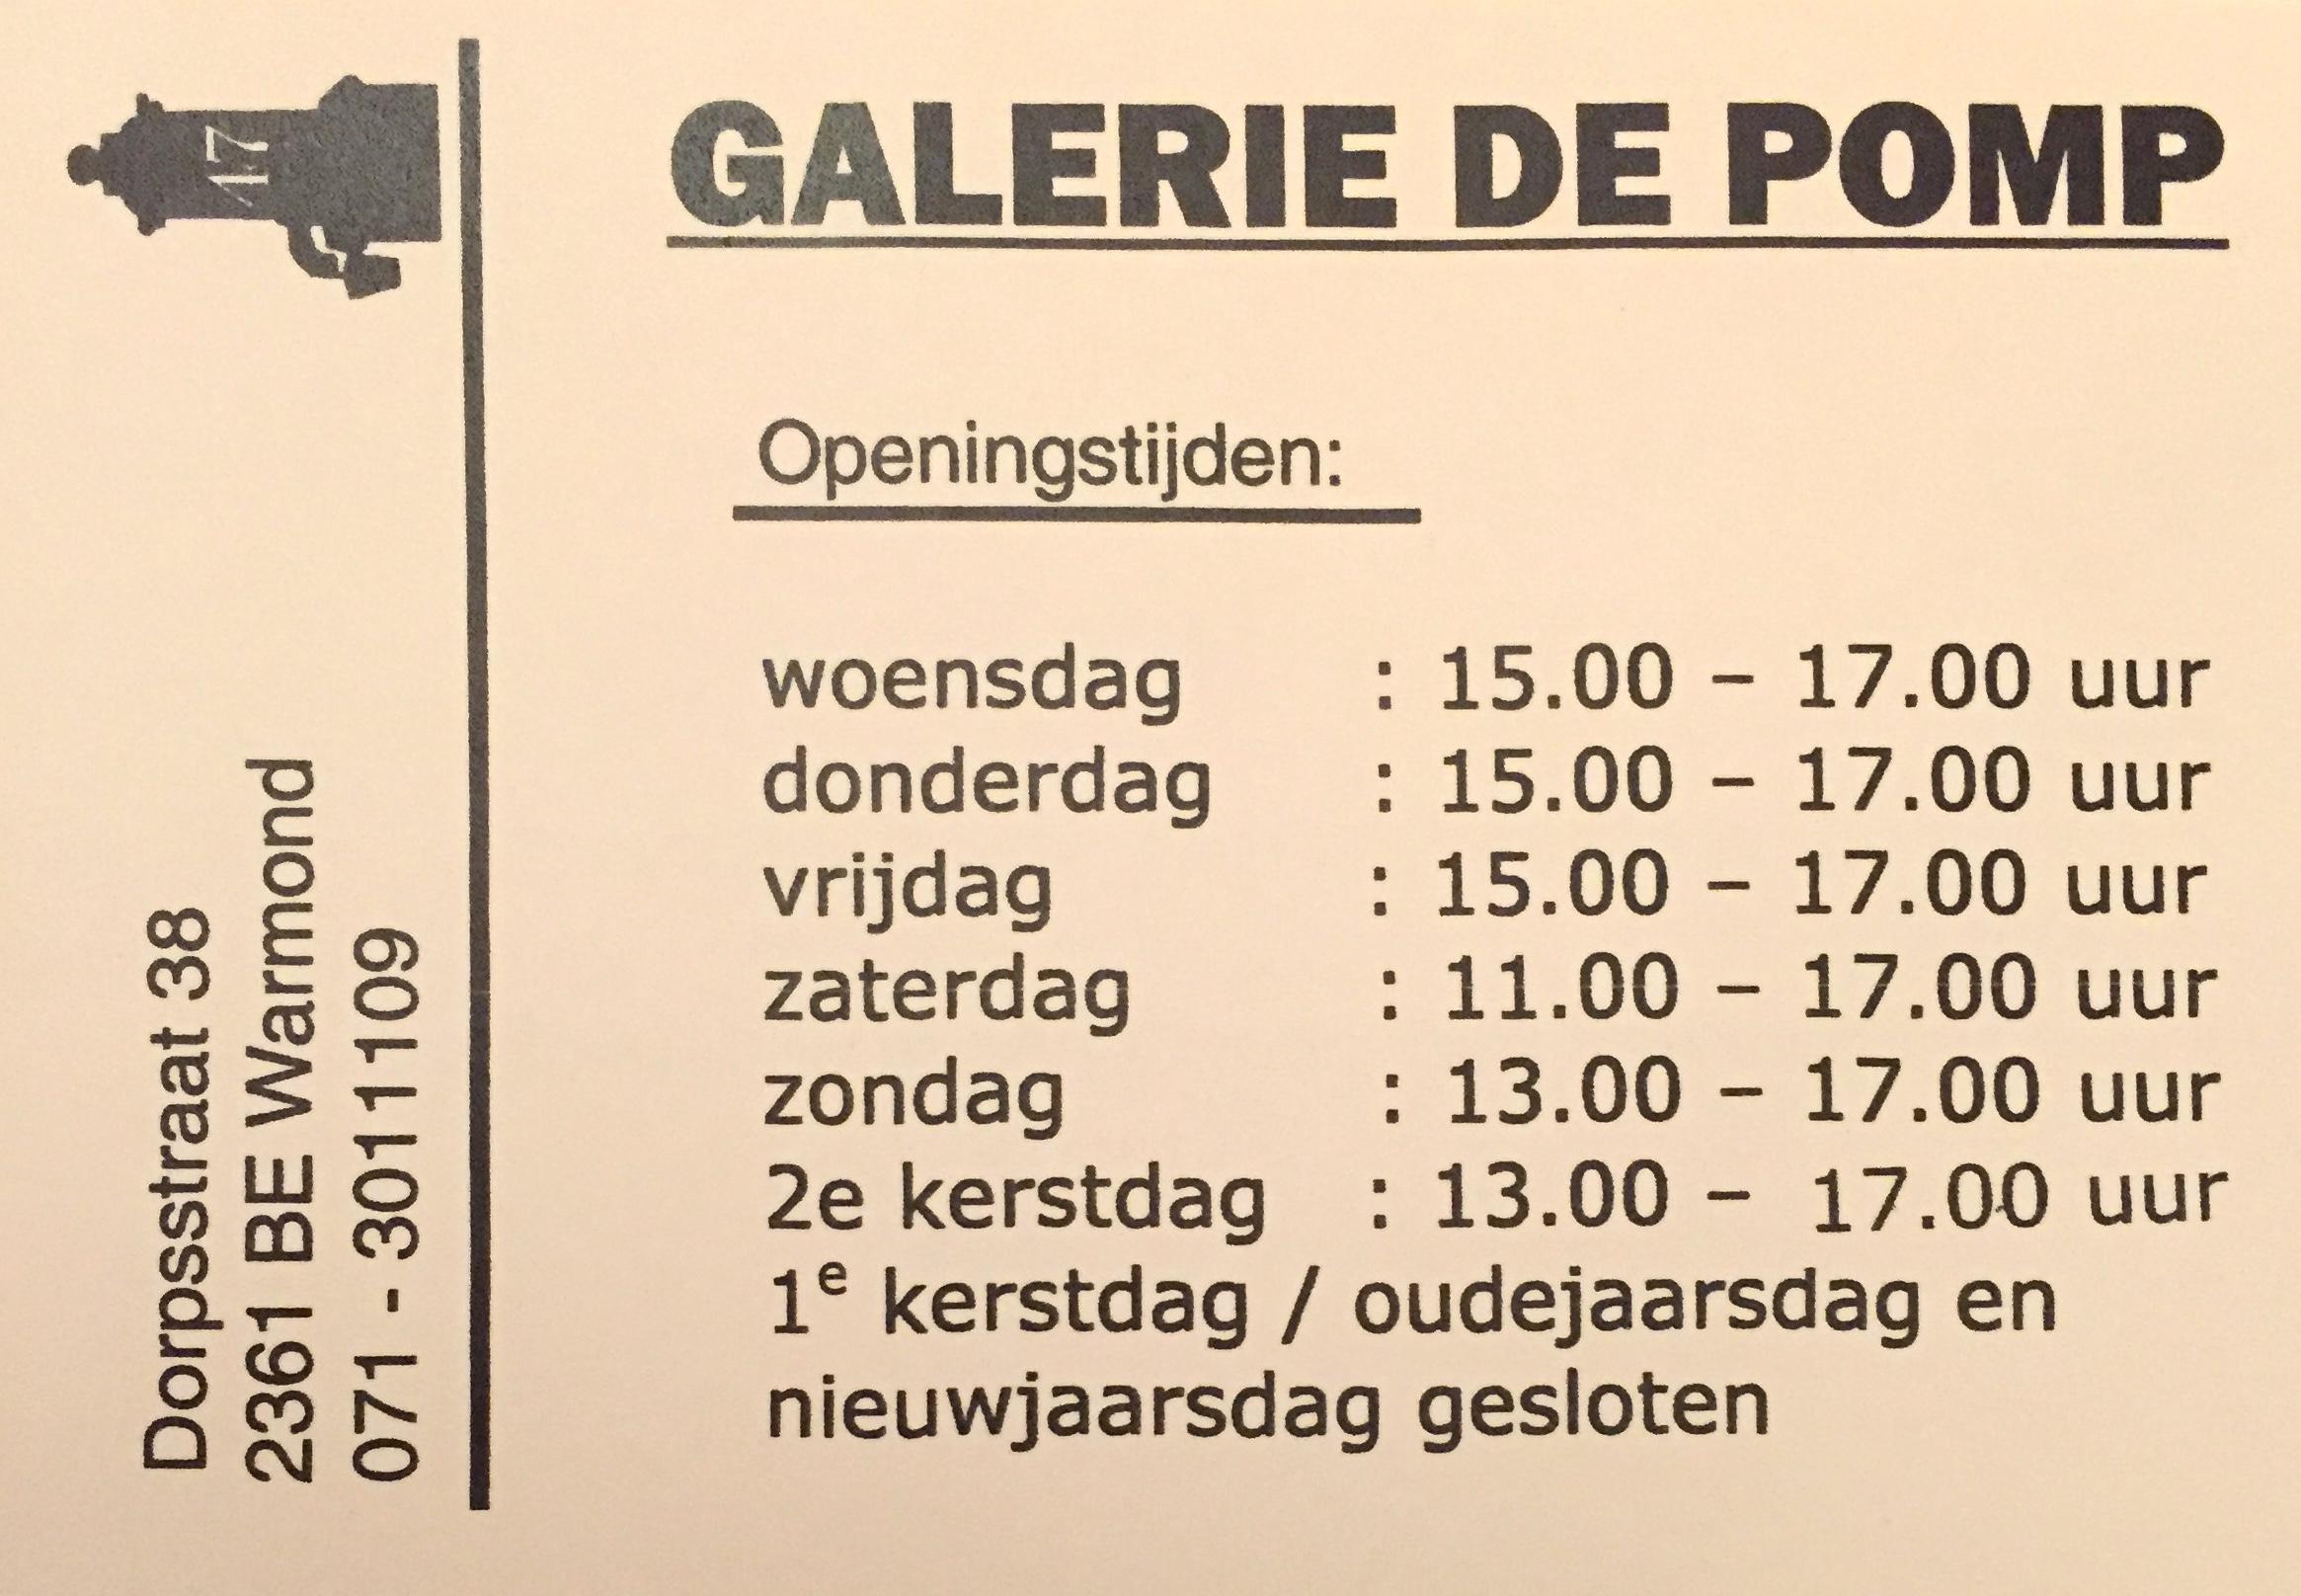 2017Dec7 Openingstijden Galerie de Pomp.jpg